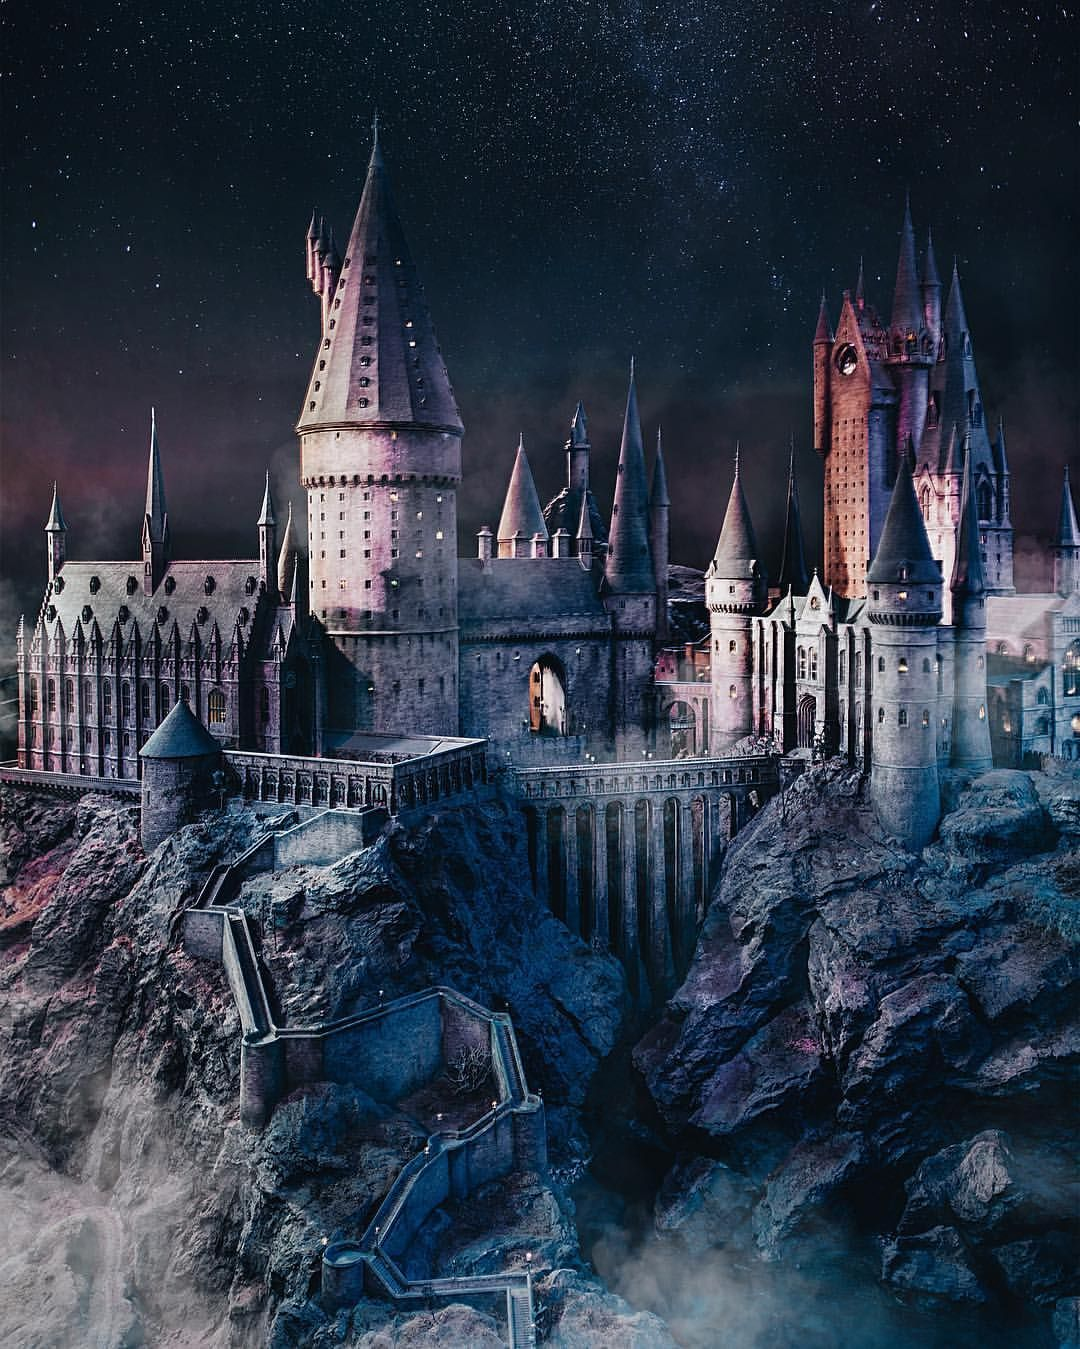 Картинка для Ты новый персонаж из Гарри Поттера